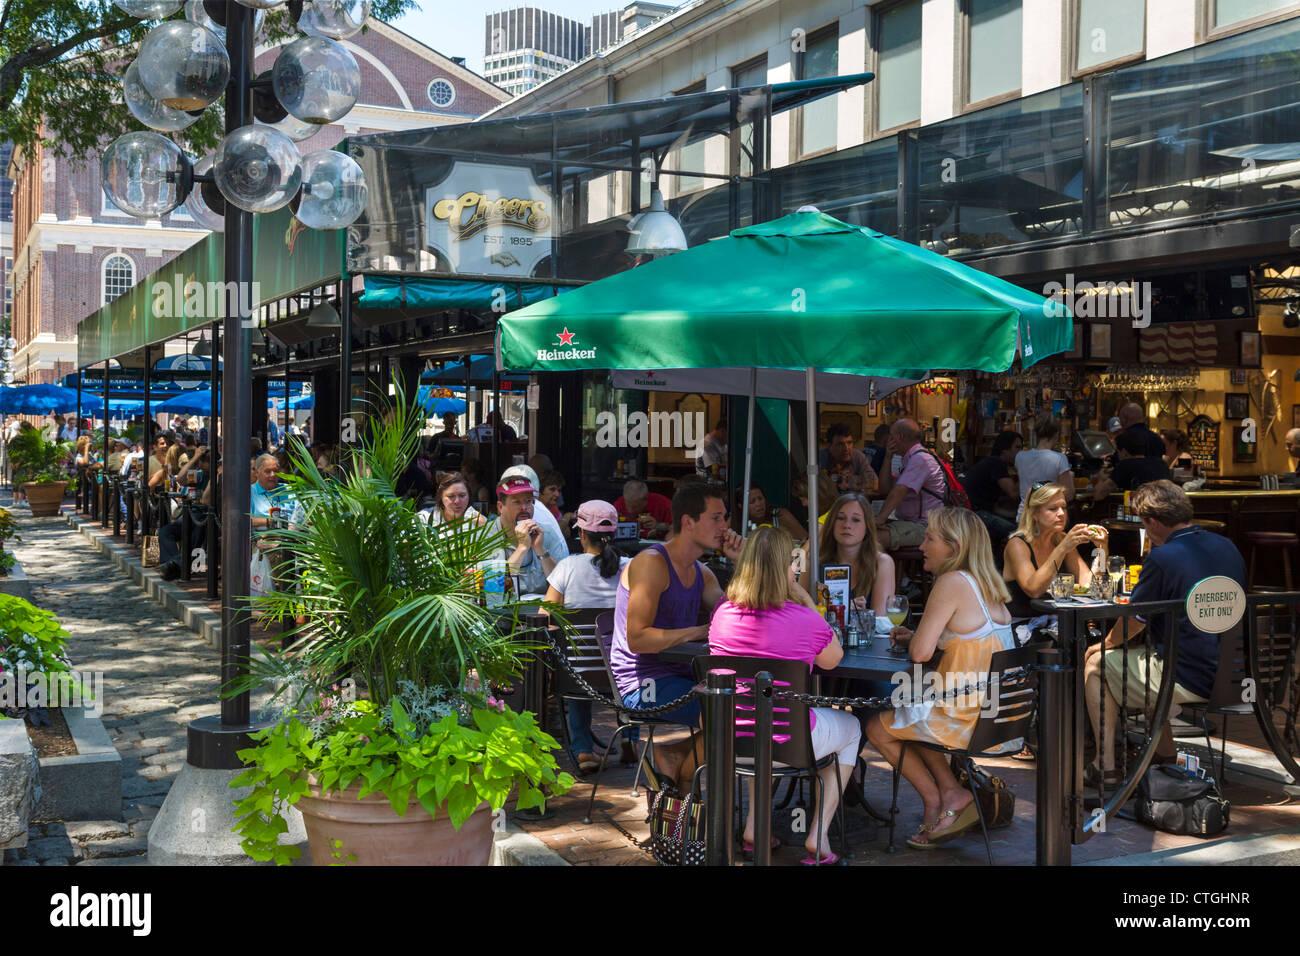 La terraza del bar Cheers, Quincy Market, en el centro histórico de Boston, Massachusetts, EE.UU. Imagen De Stock